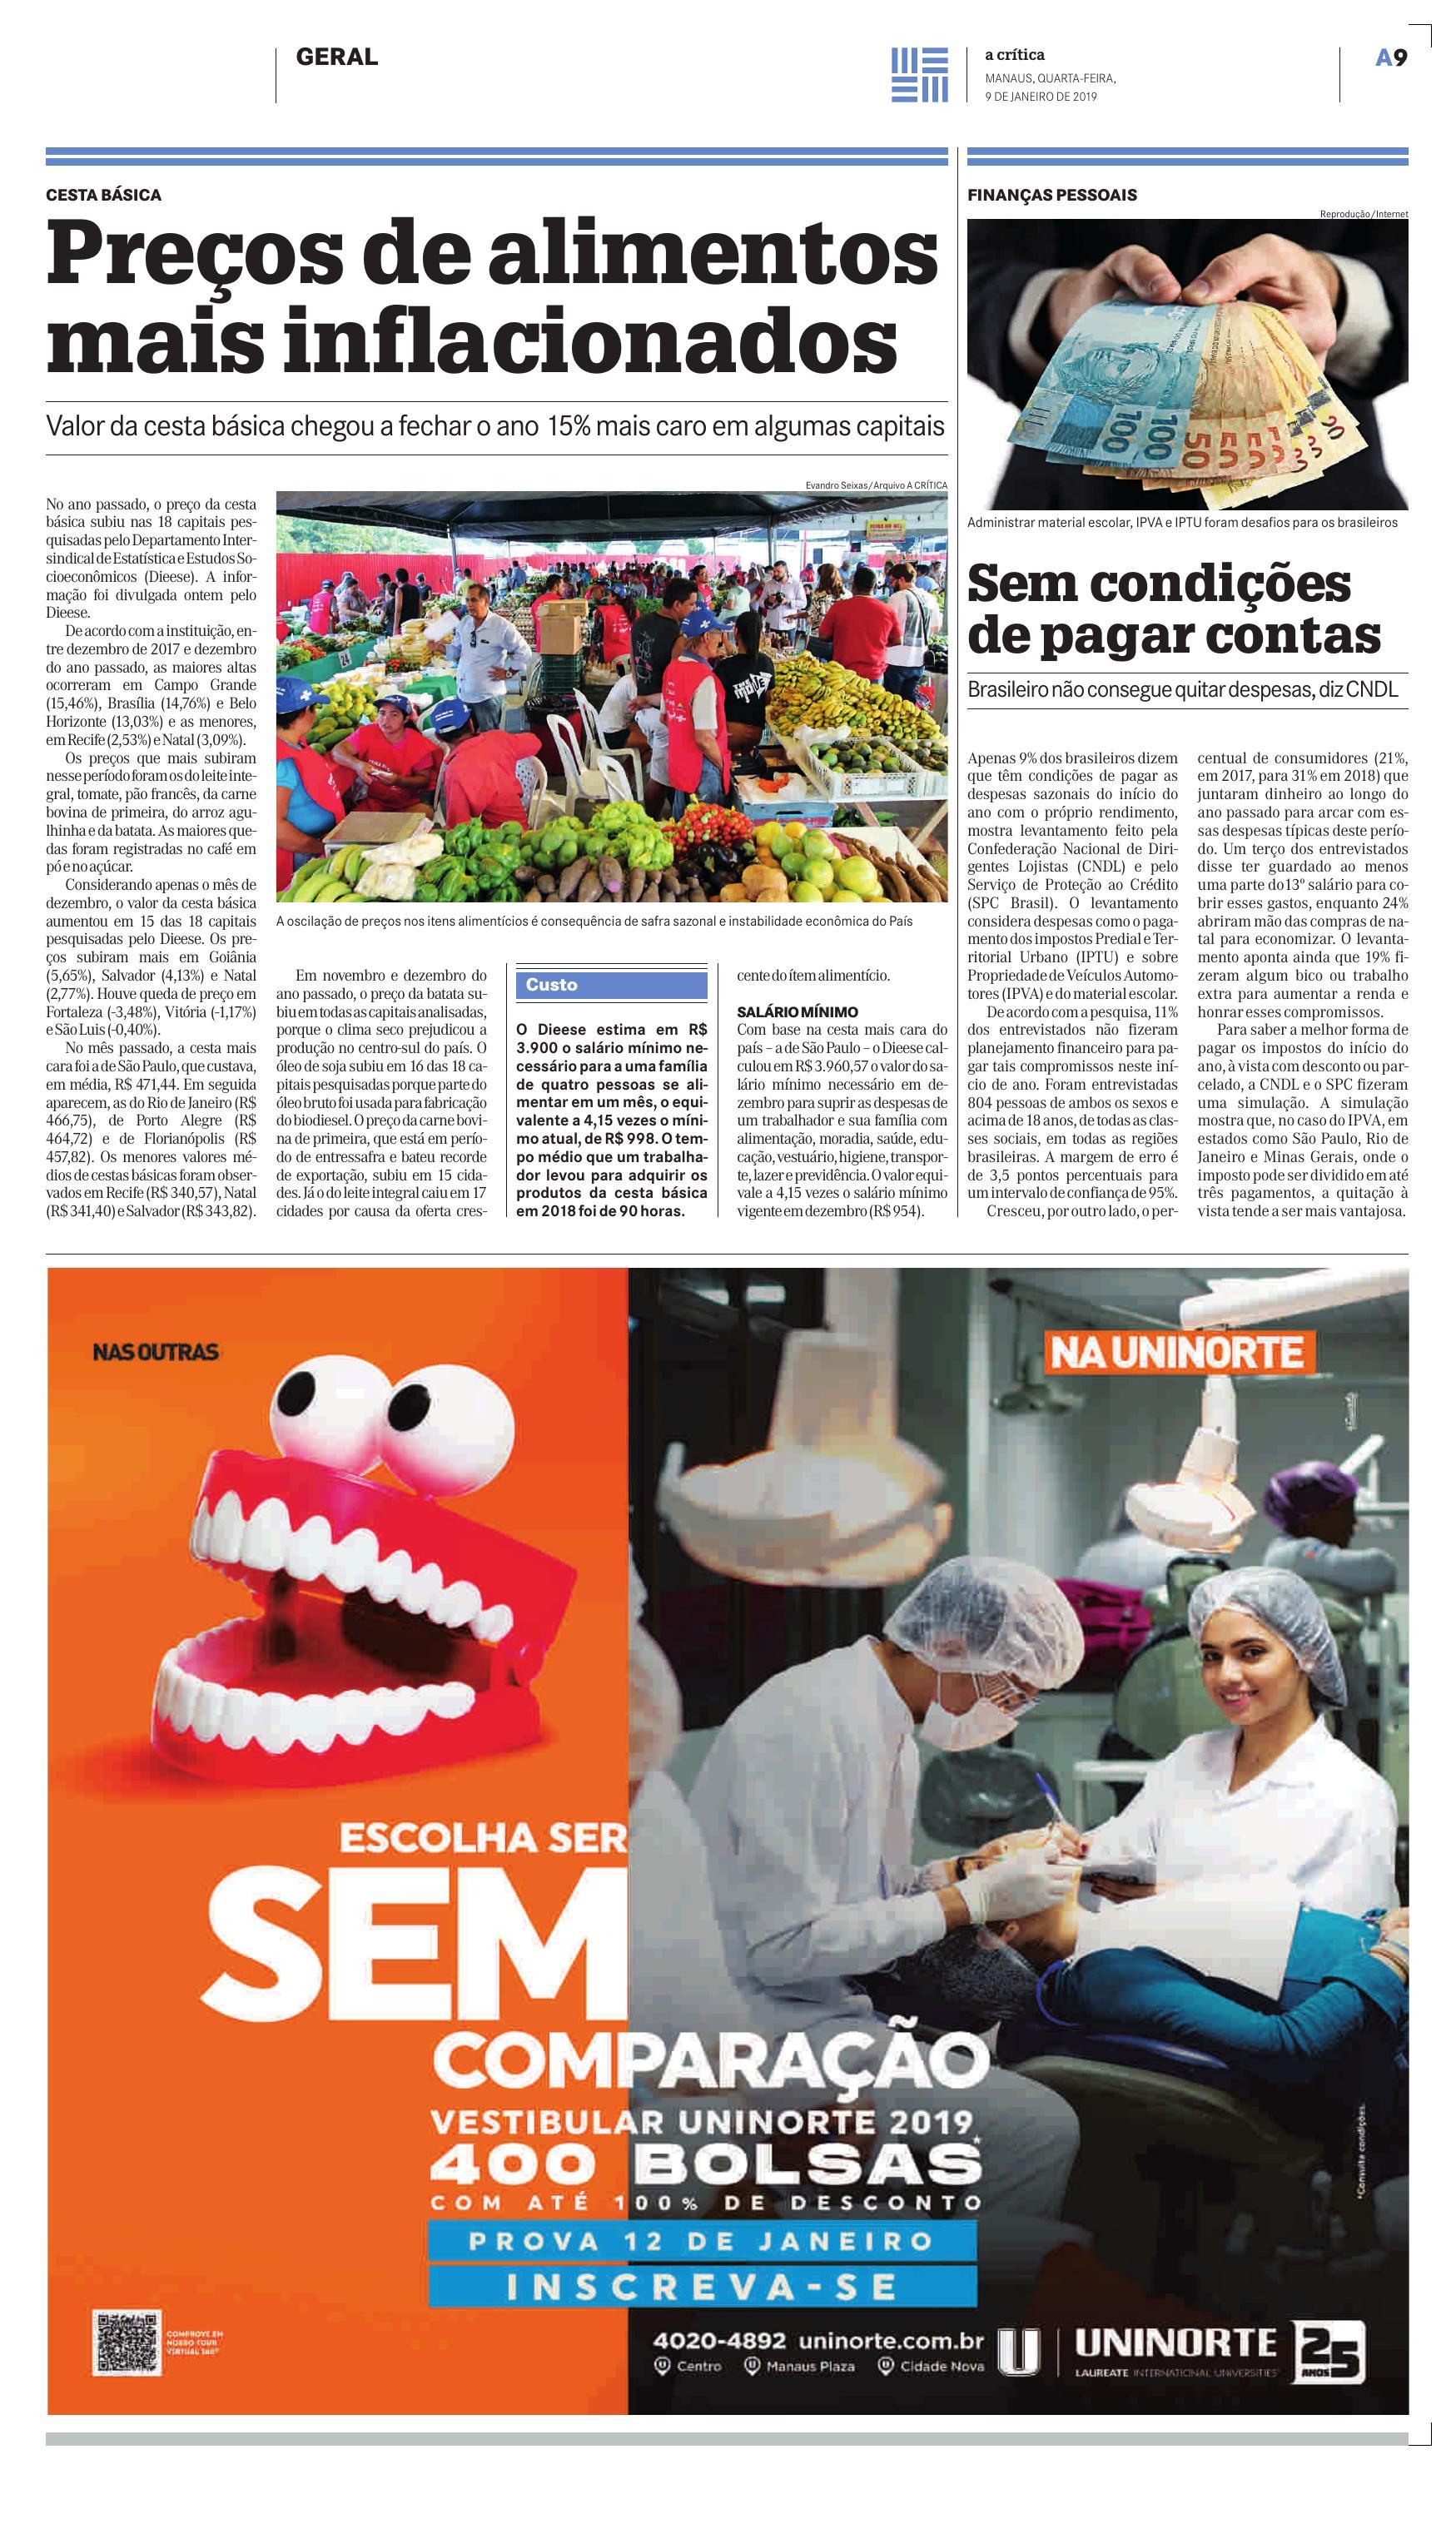 noticia003